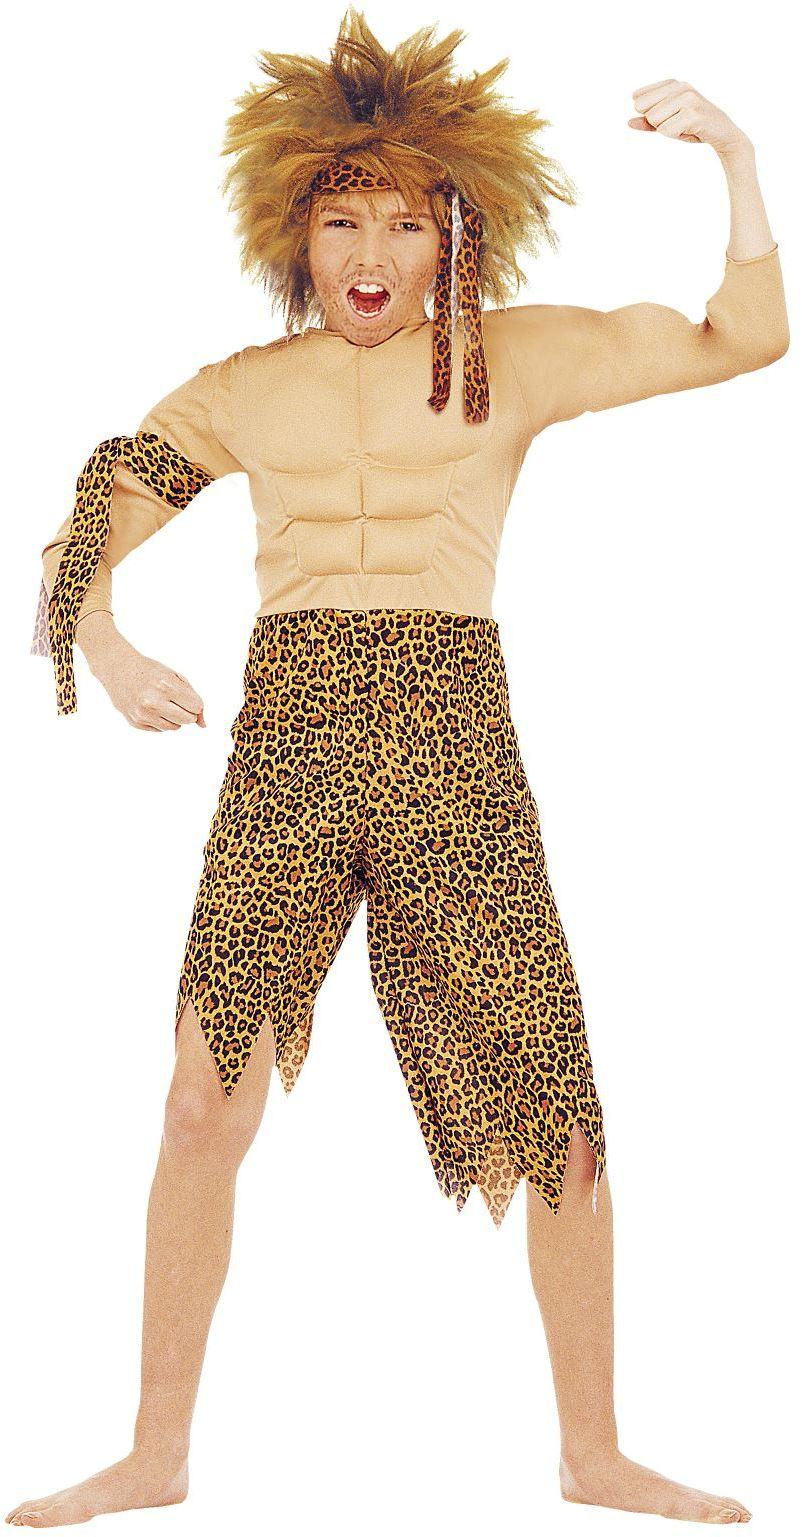 Tarzan jongen van de jungle kostuum